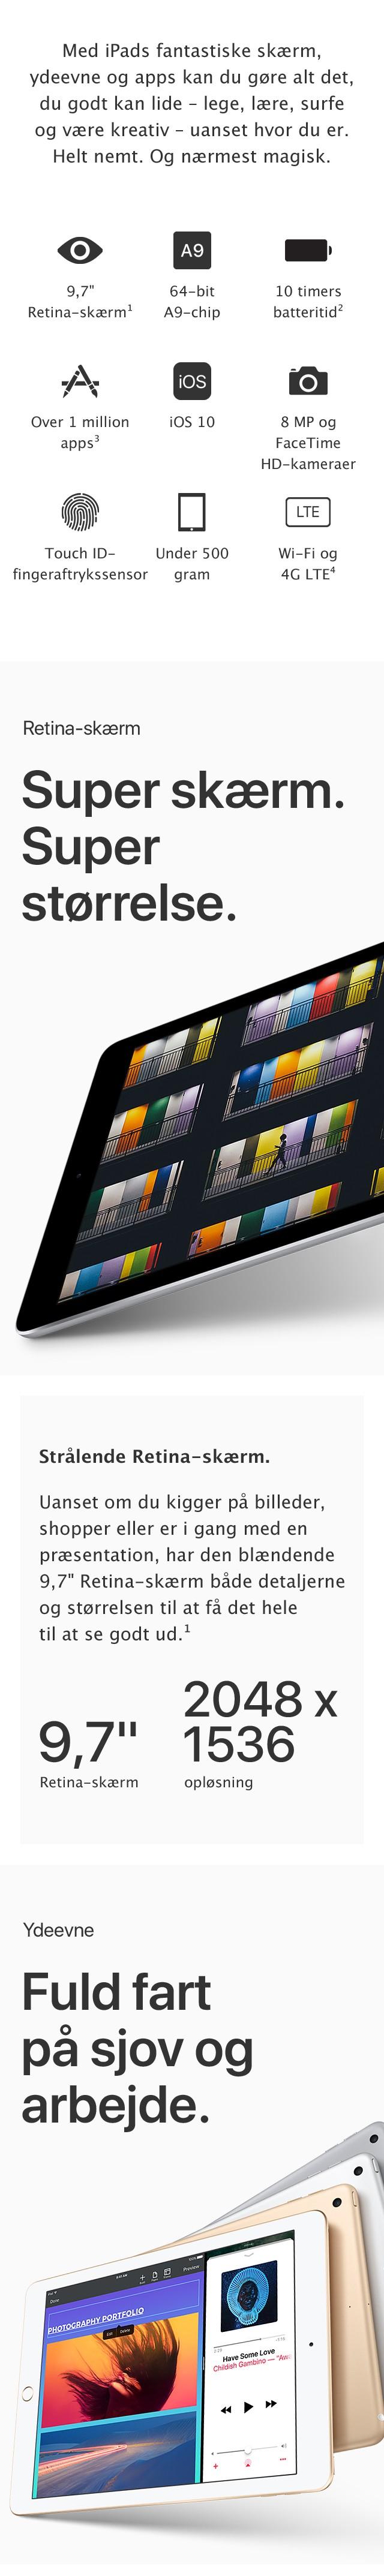 iPad - Super skærm, Super Størrelse, Fuldt fart på sjov og arbejde